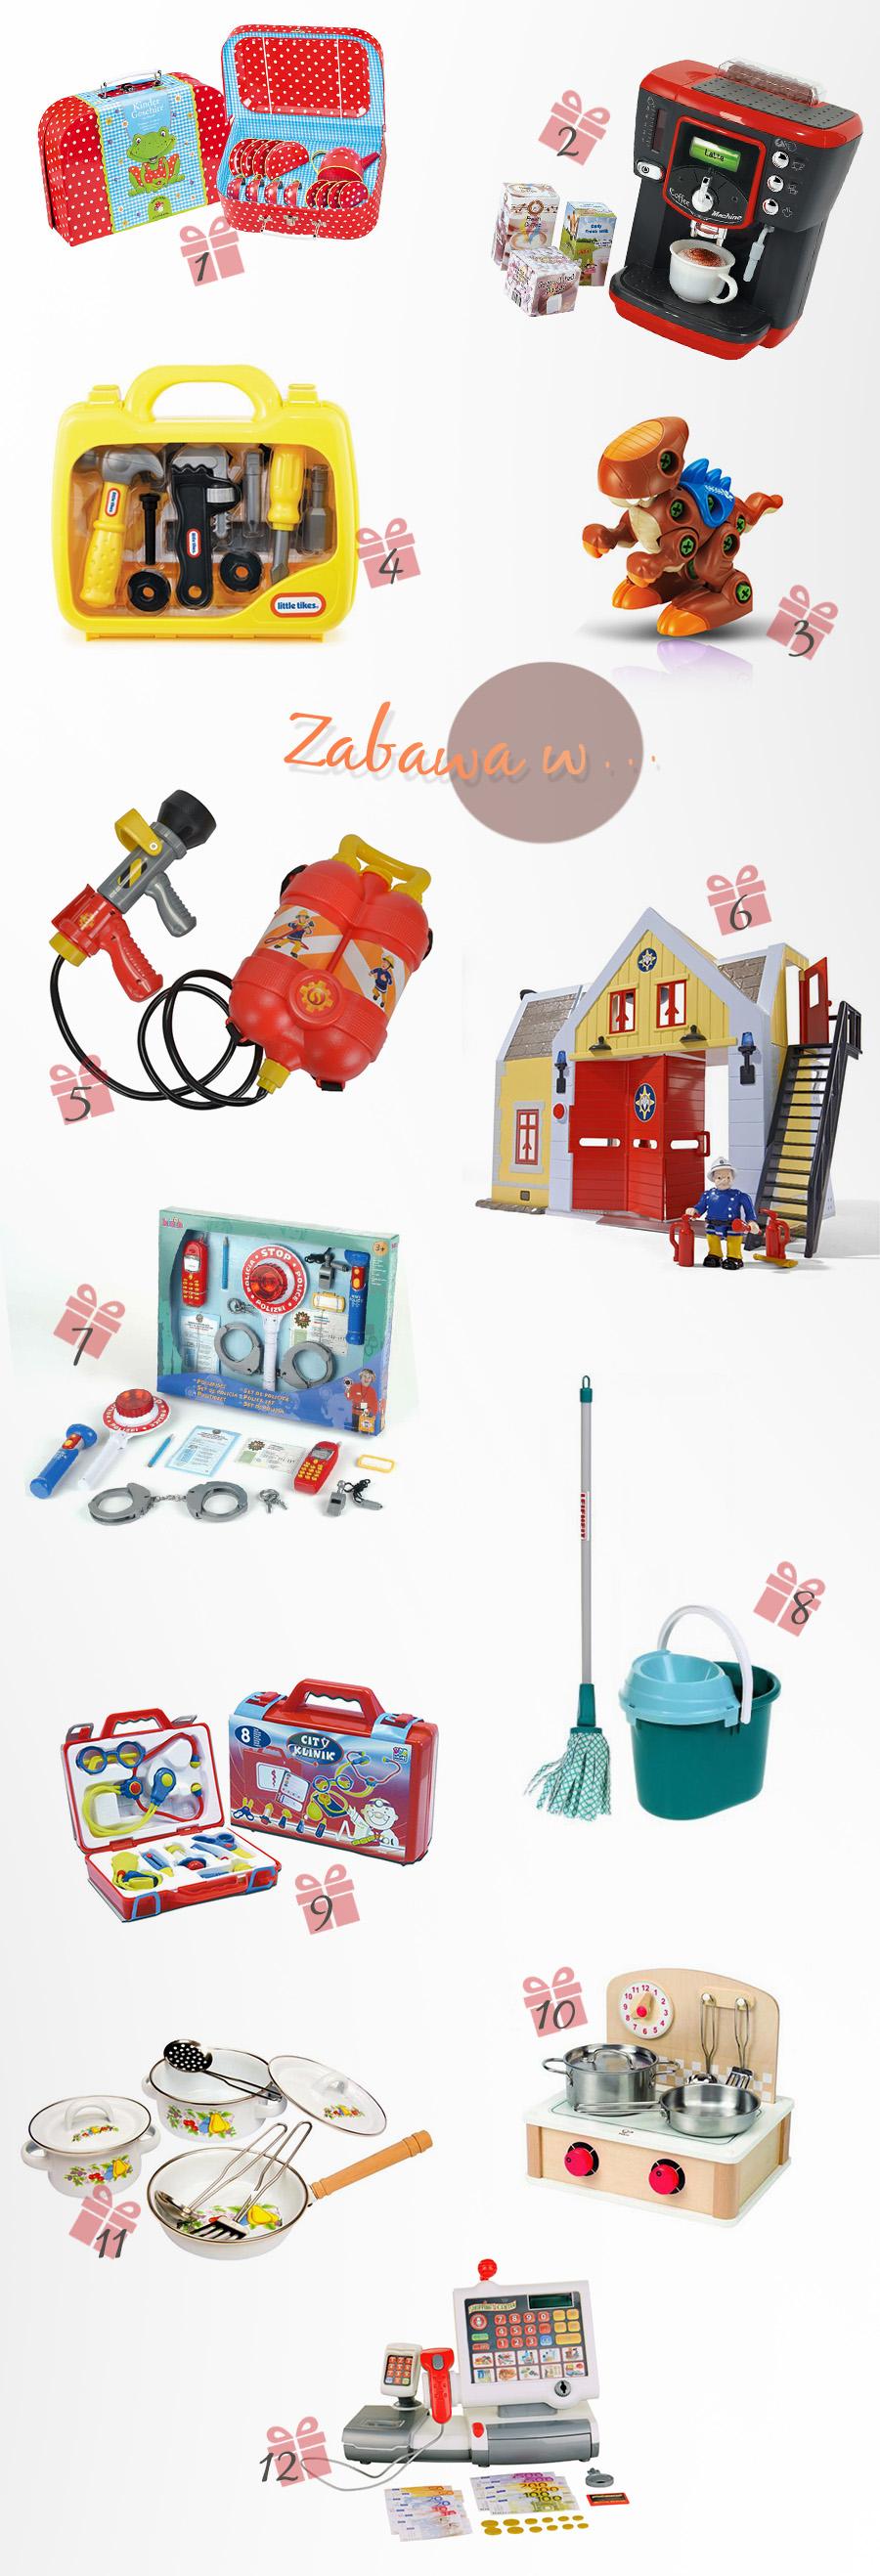 zabawki dla dziecka które skończyło 3 lata